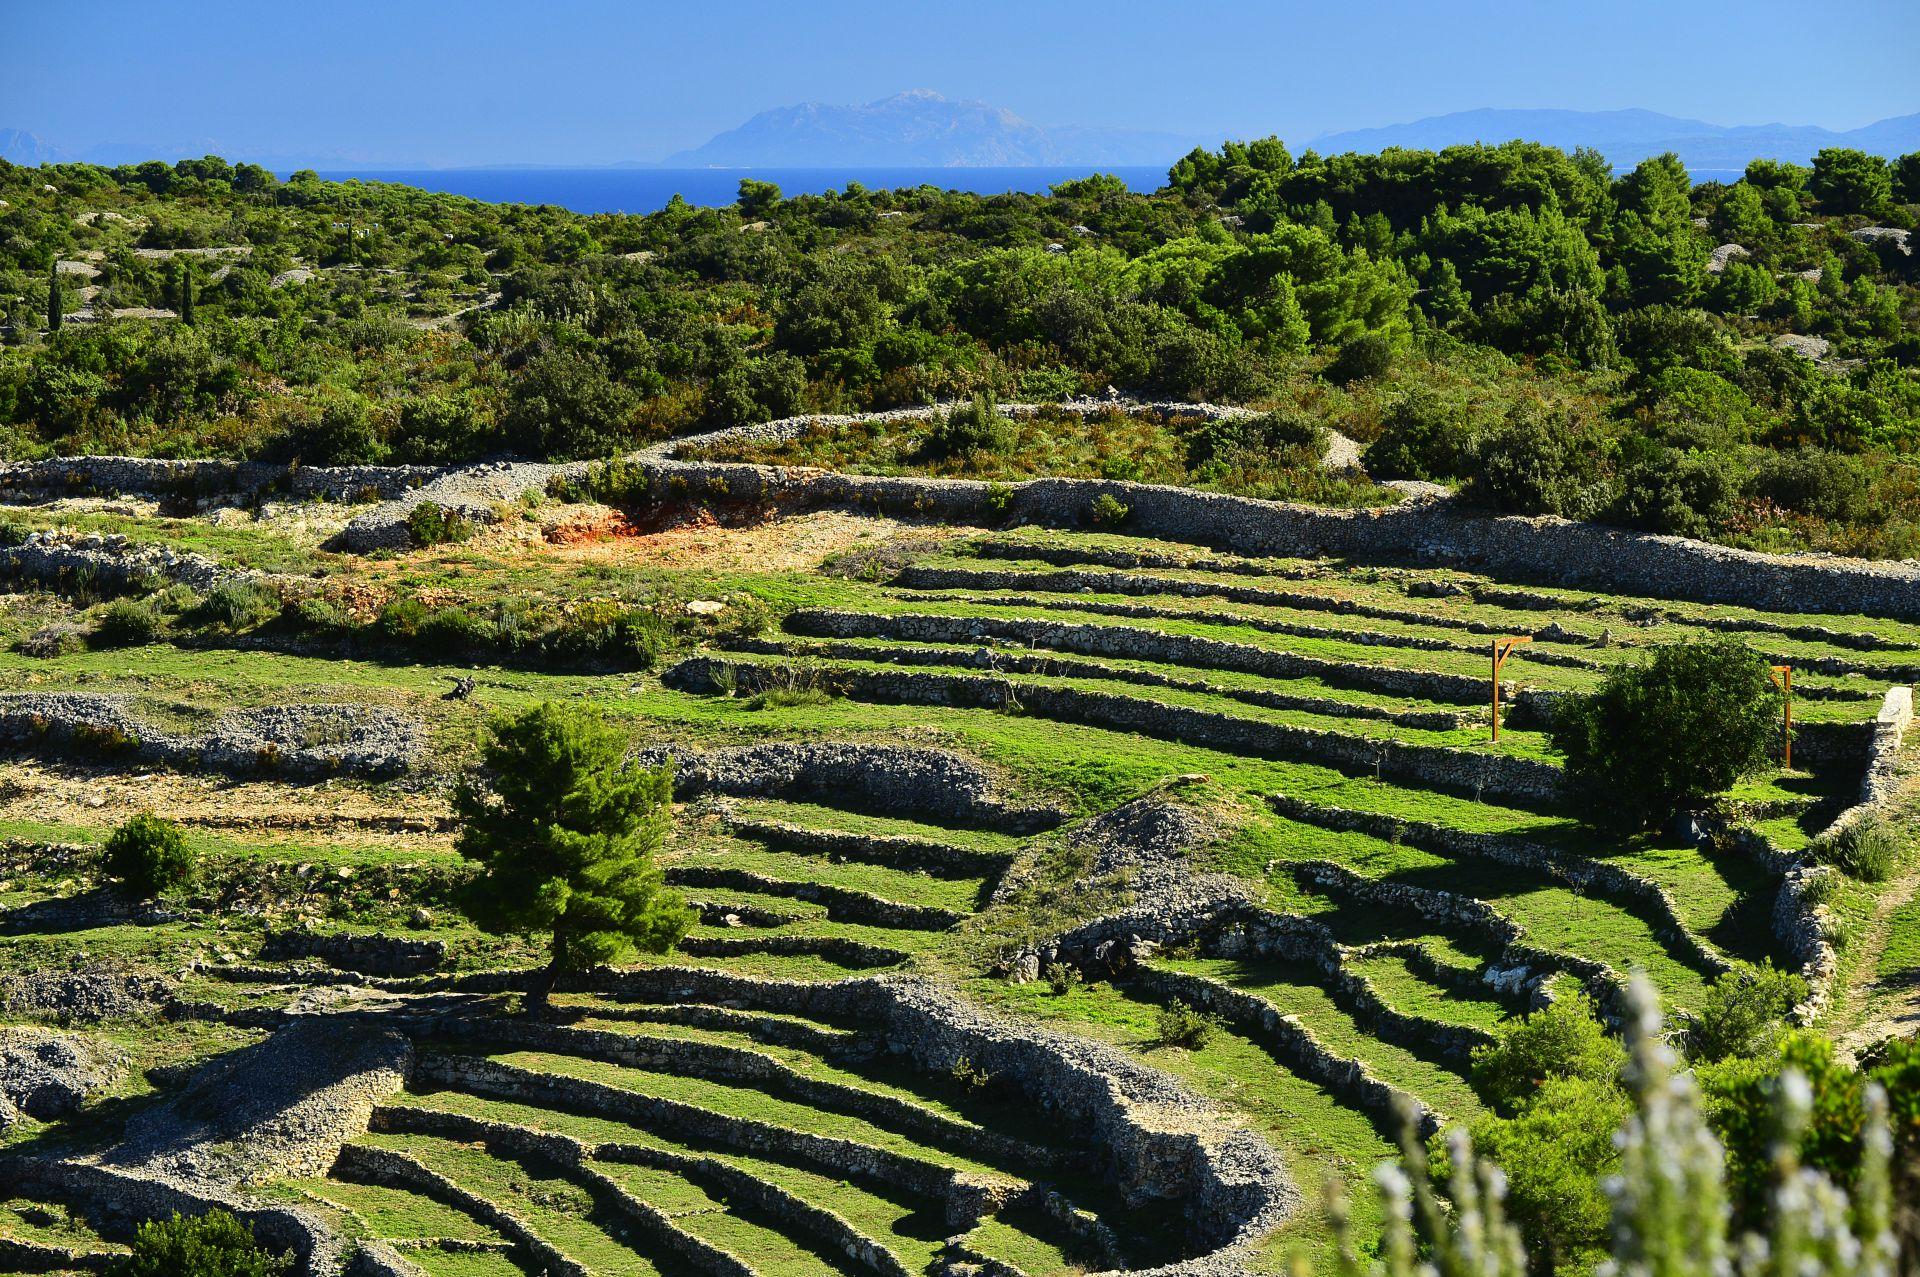 Unutrašnjost otoka Visa